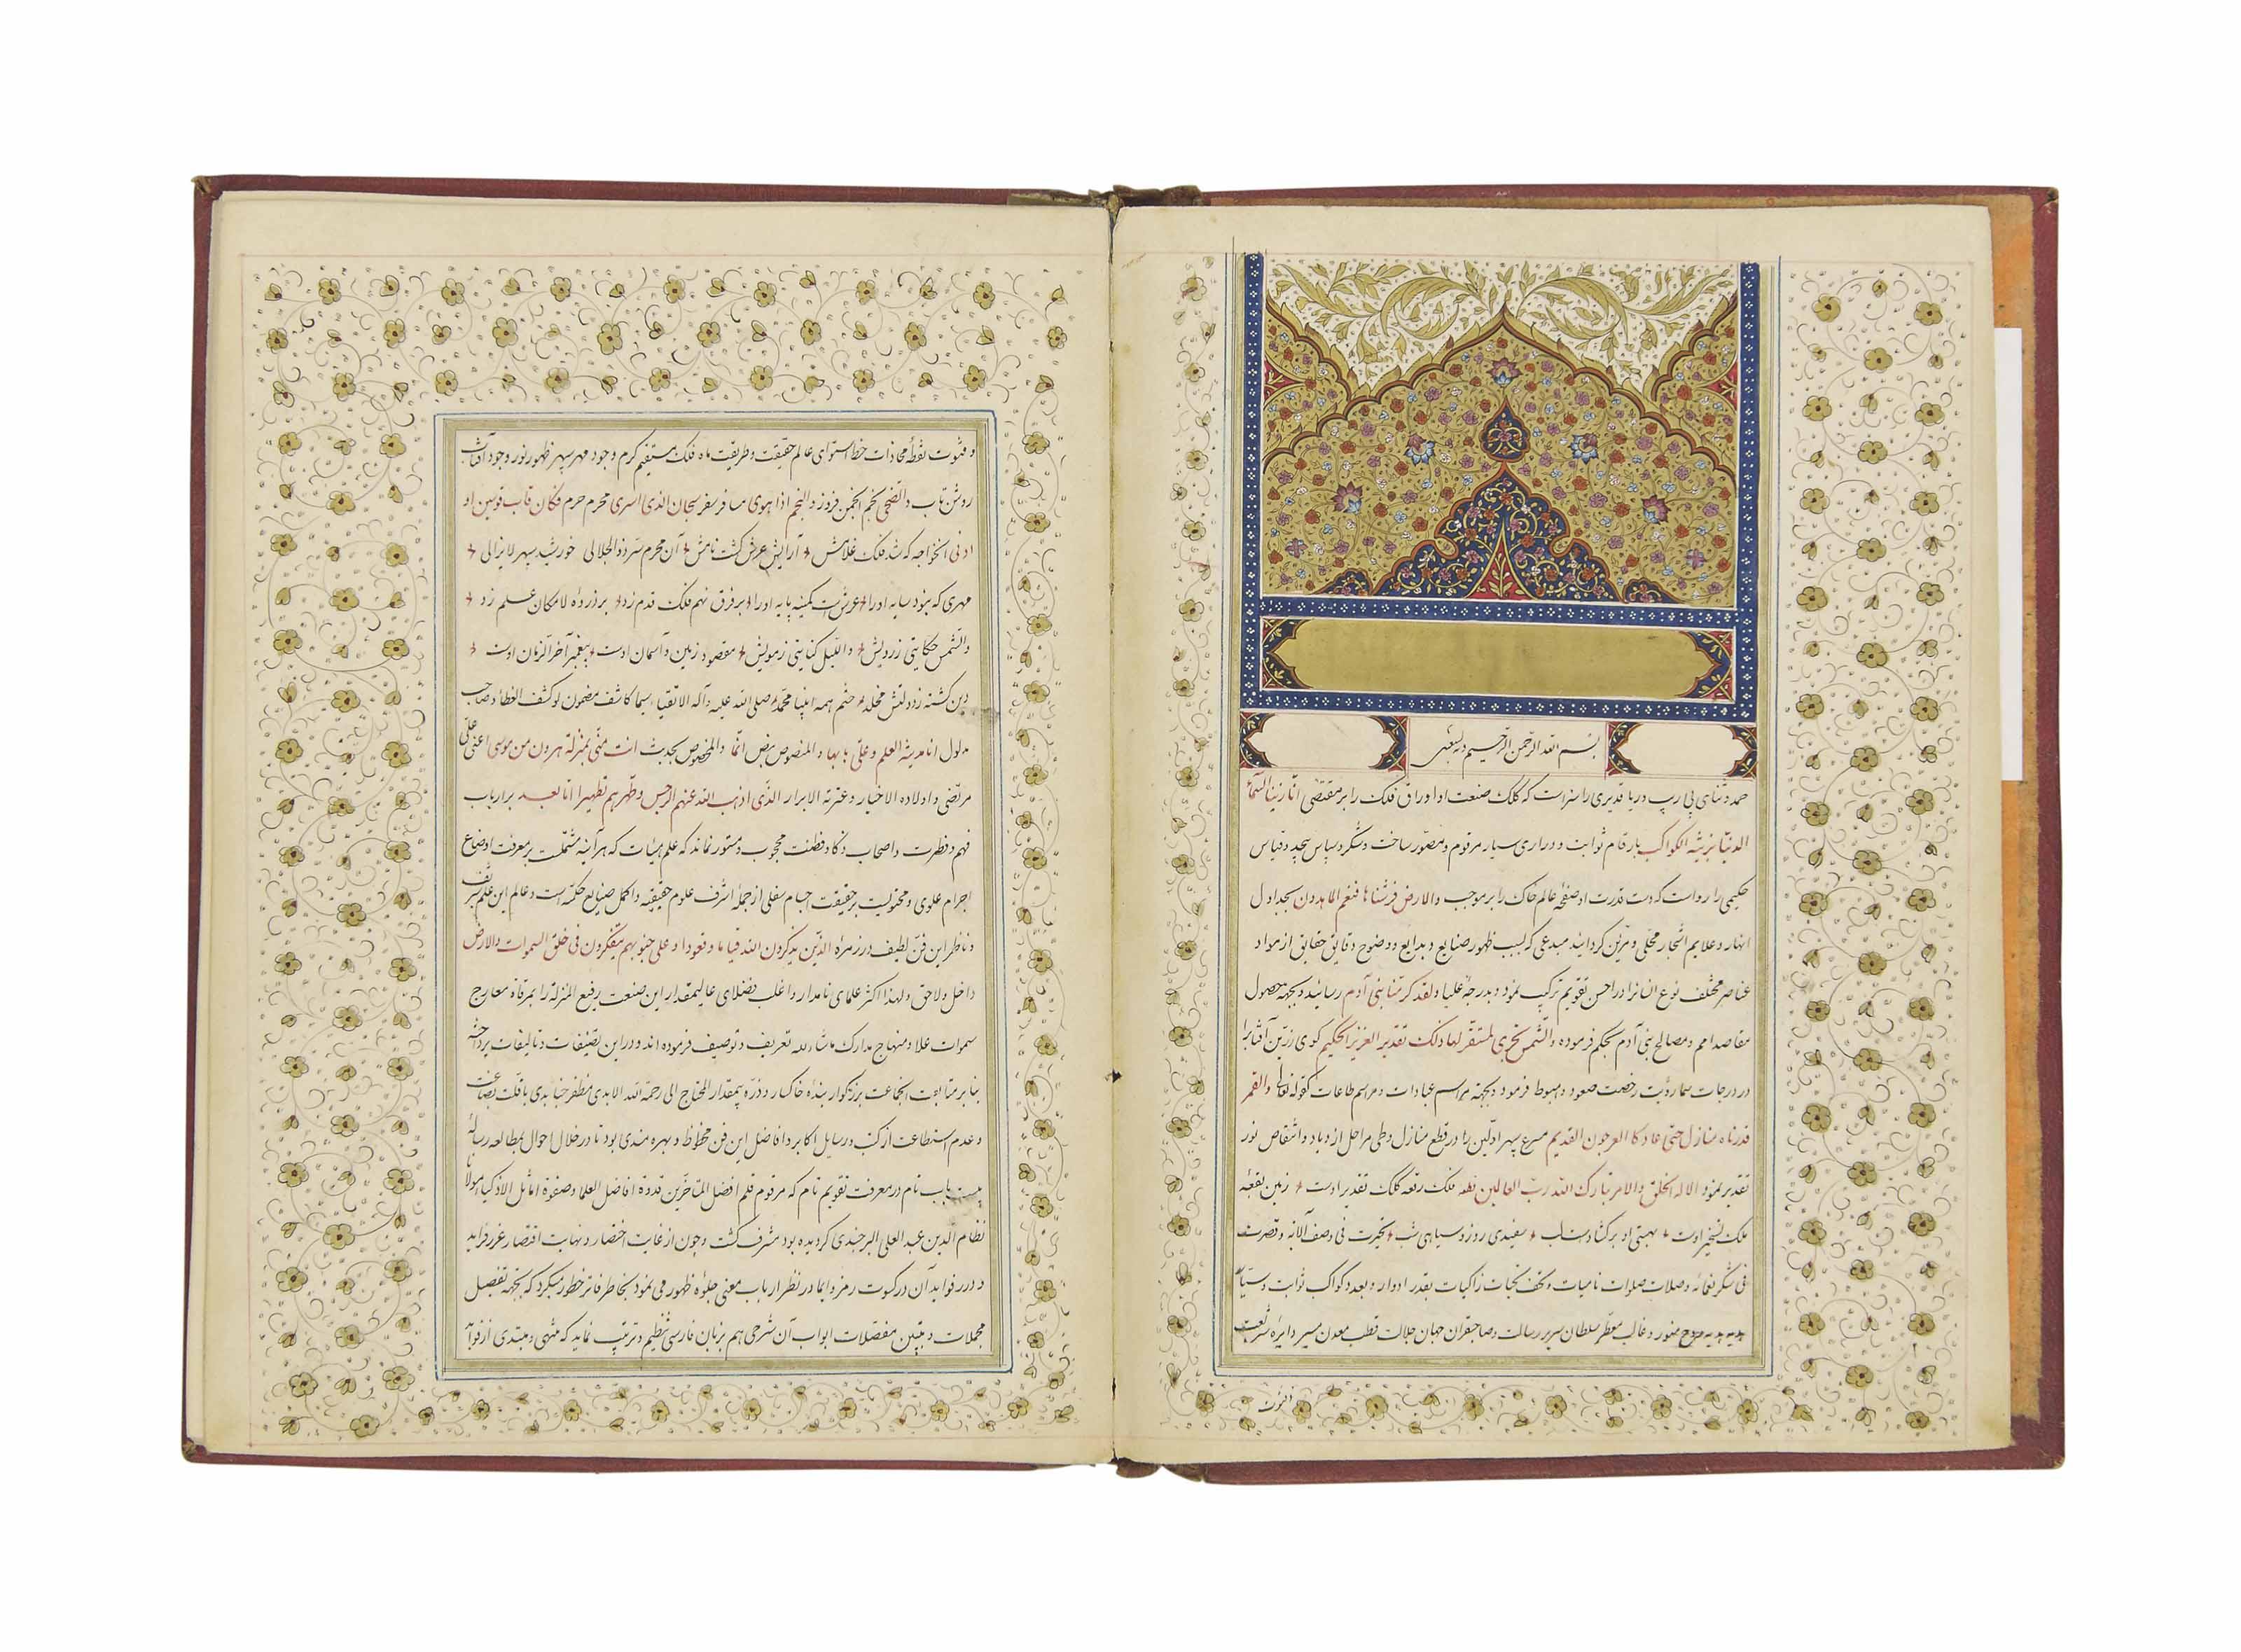 NIZAM AL-DIN 'ABD AL-'ALI AL-B